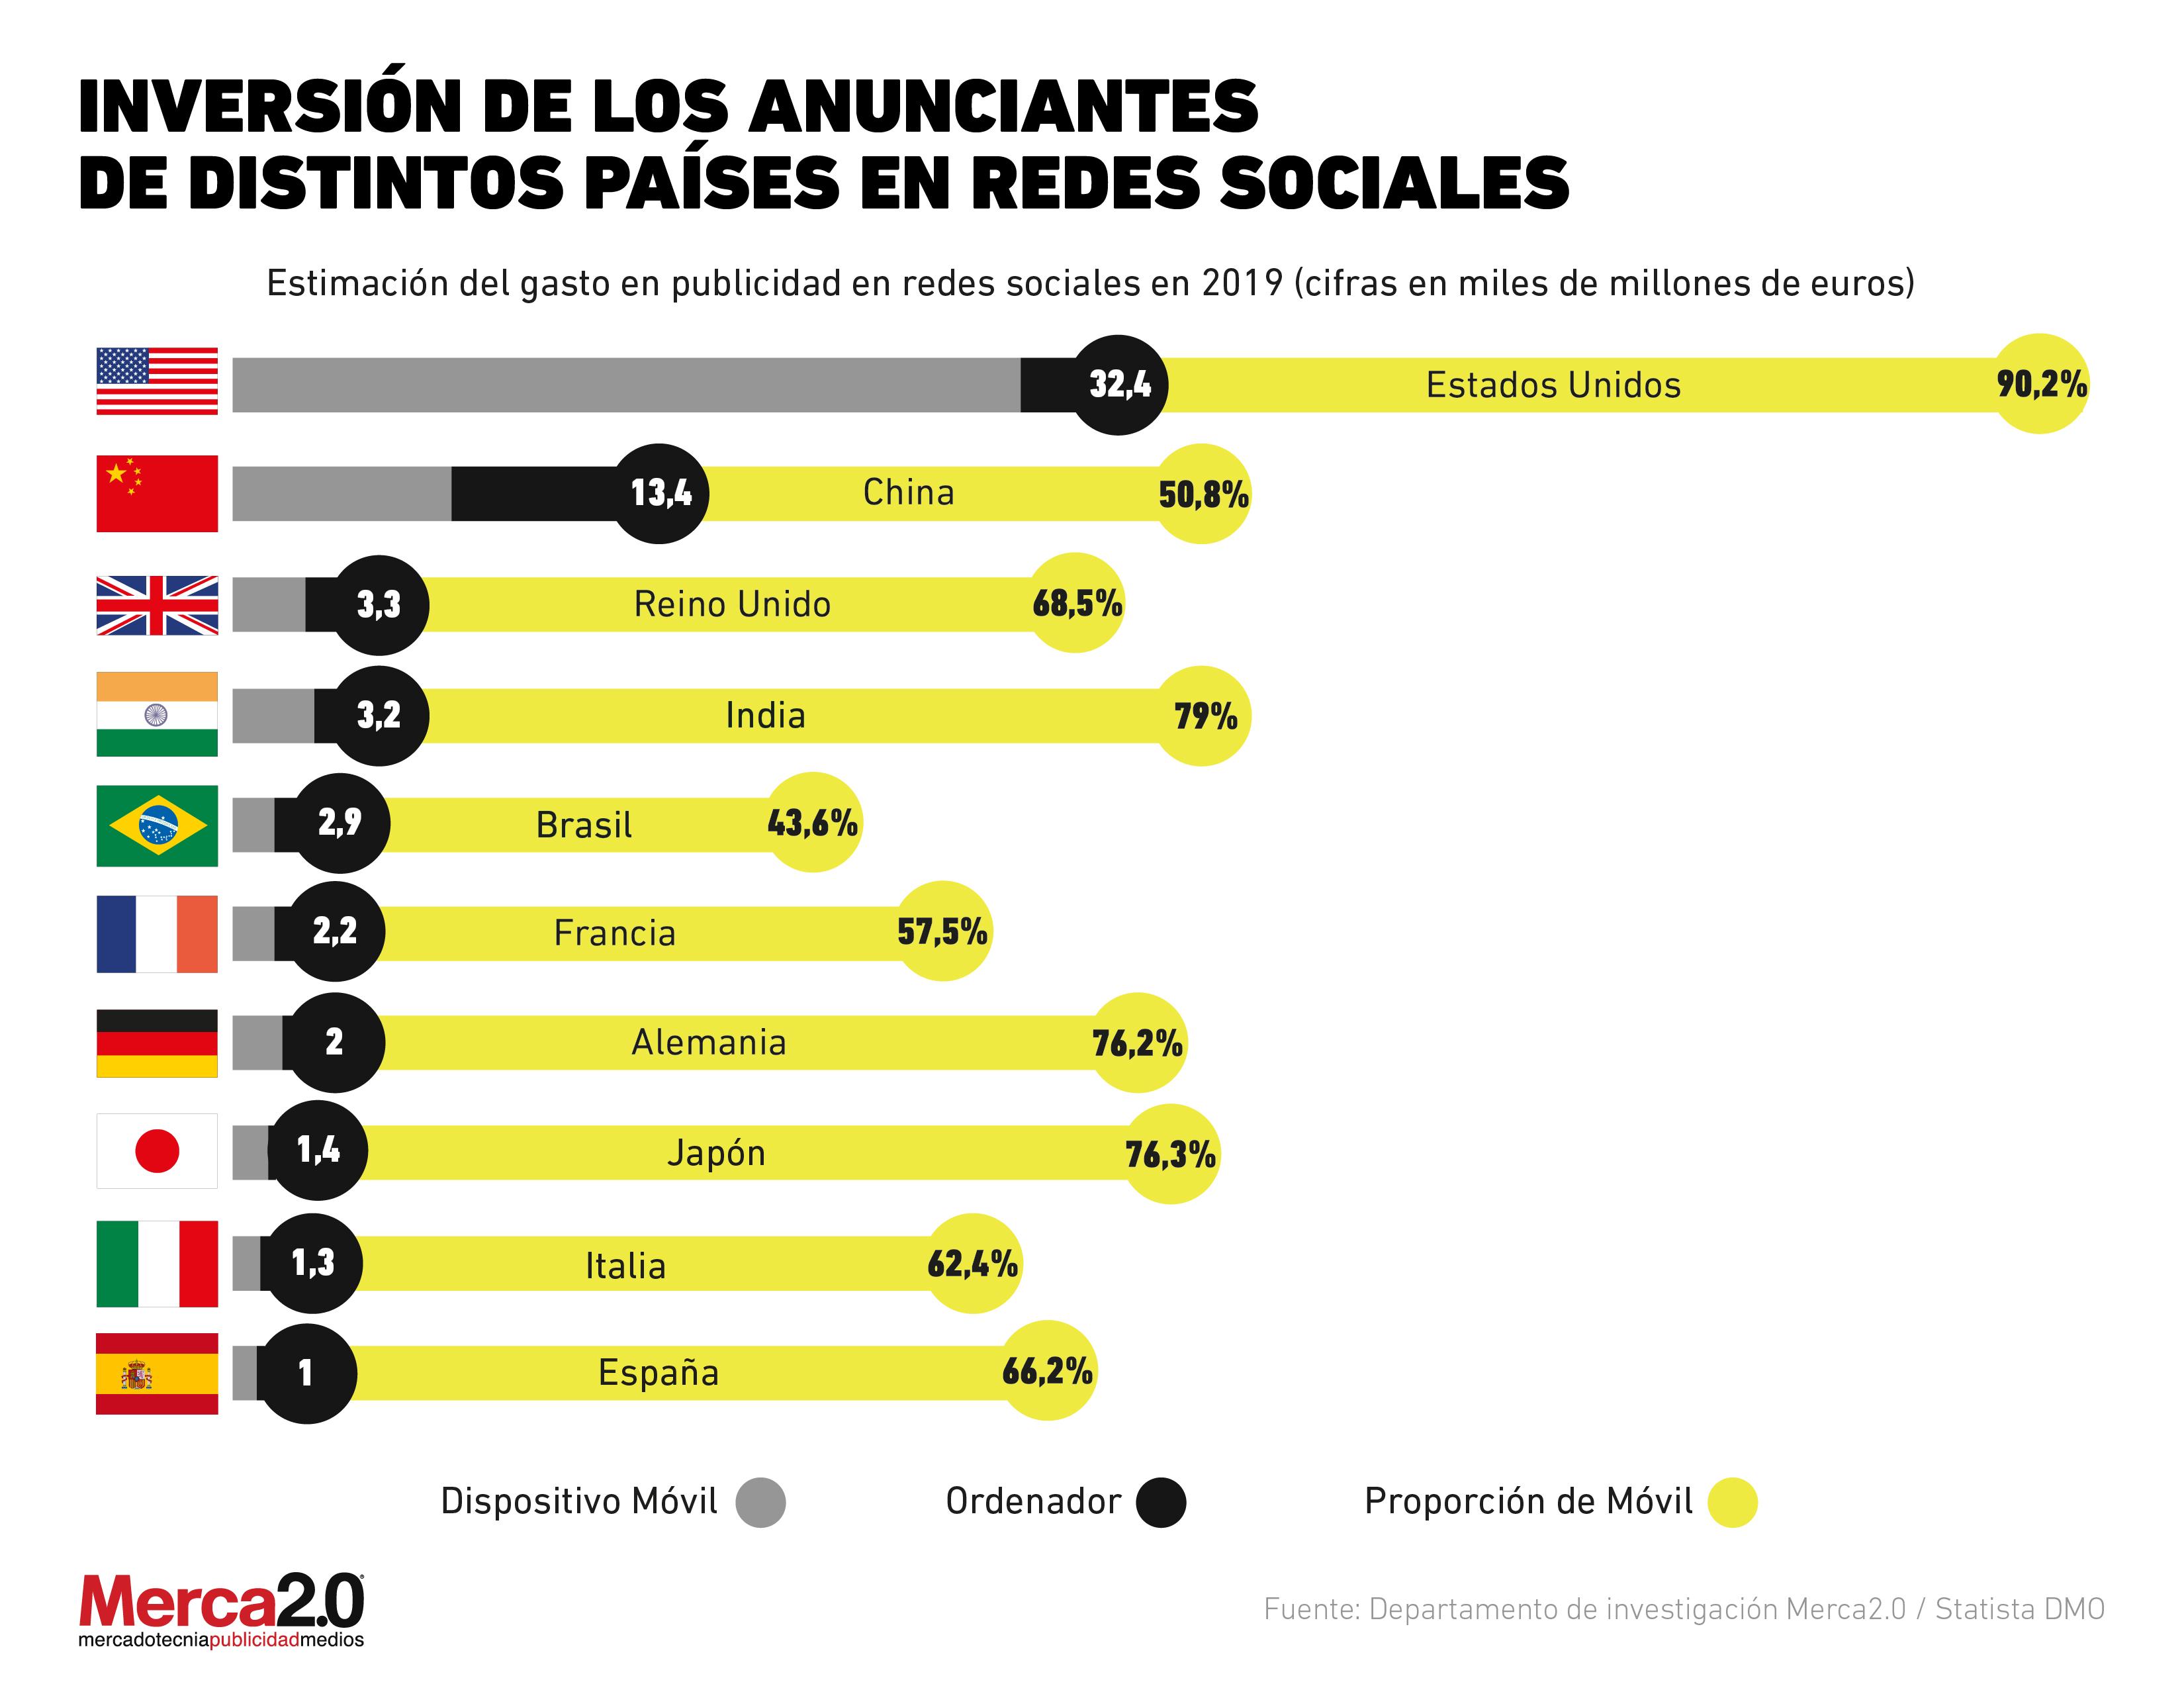 ¿Cuánto invierten los anunciantes en las redes sociales?